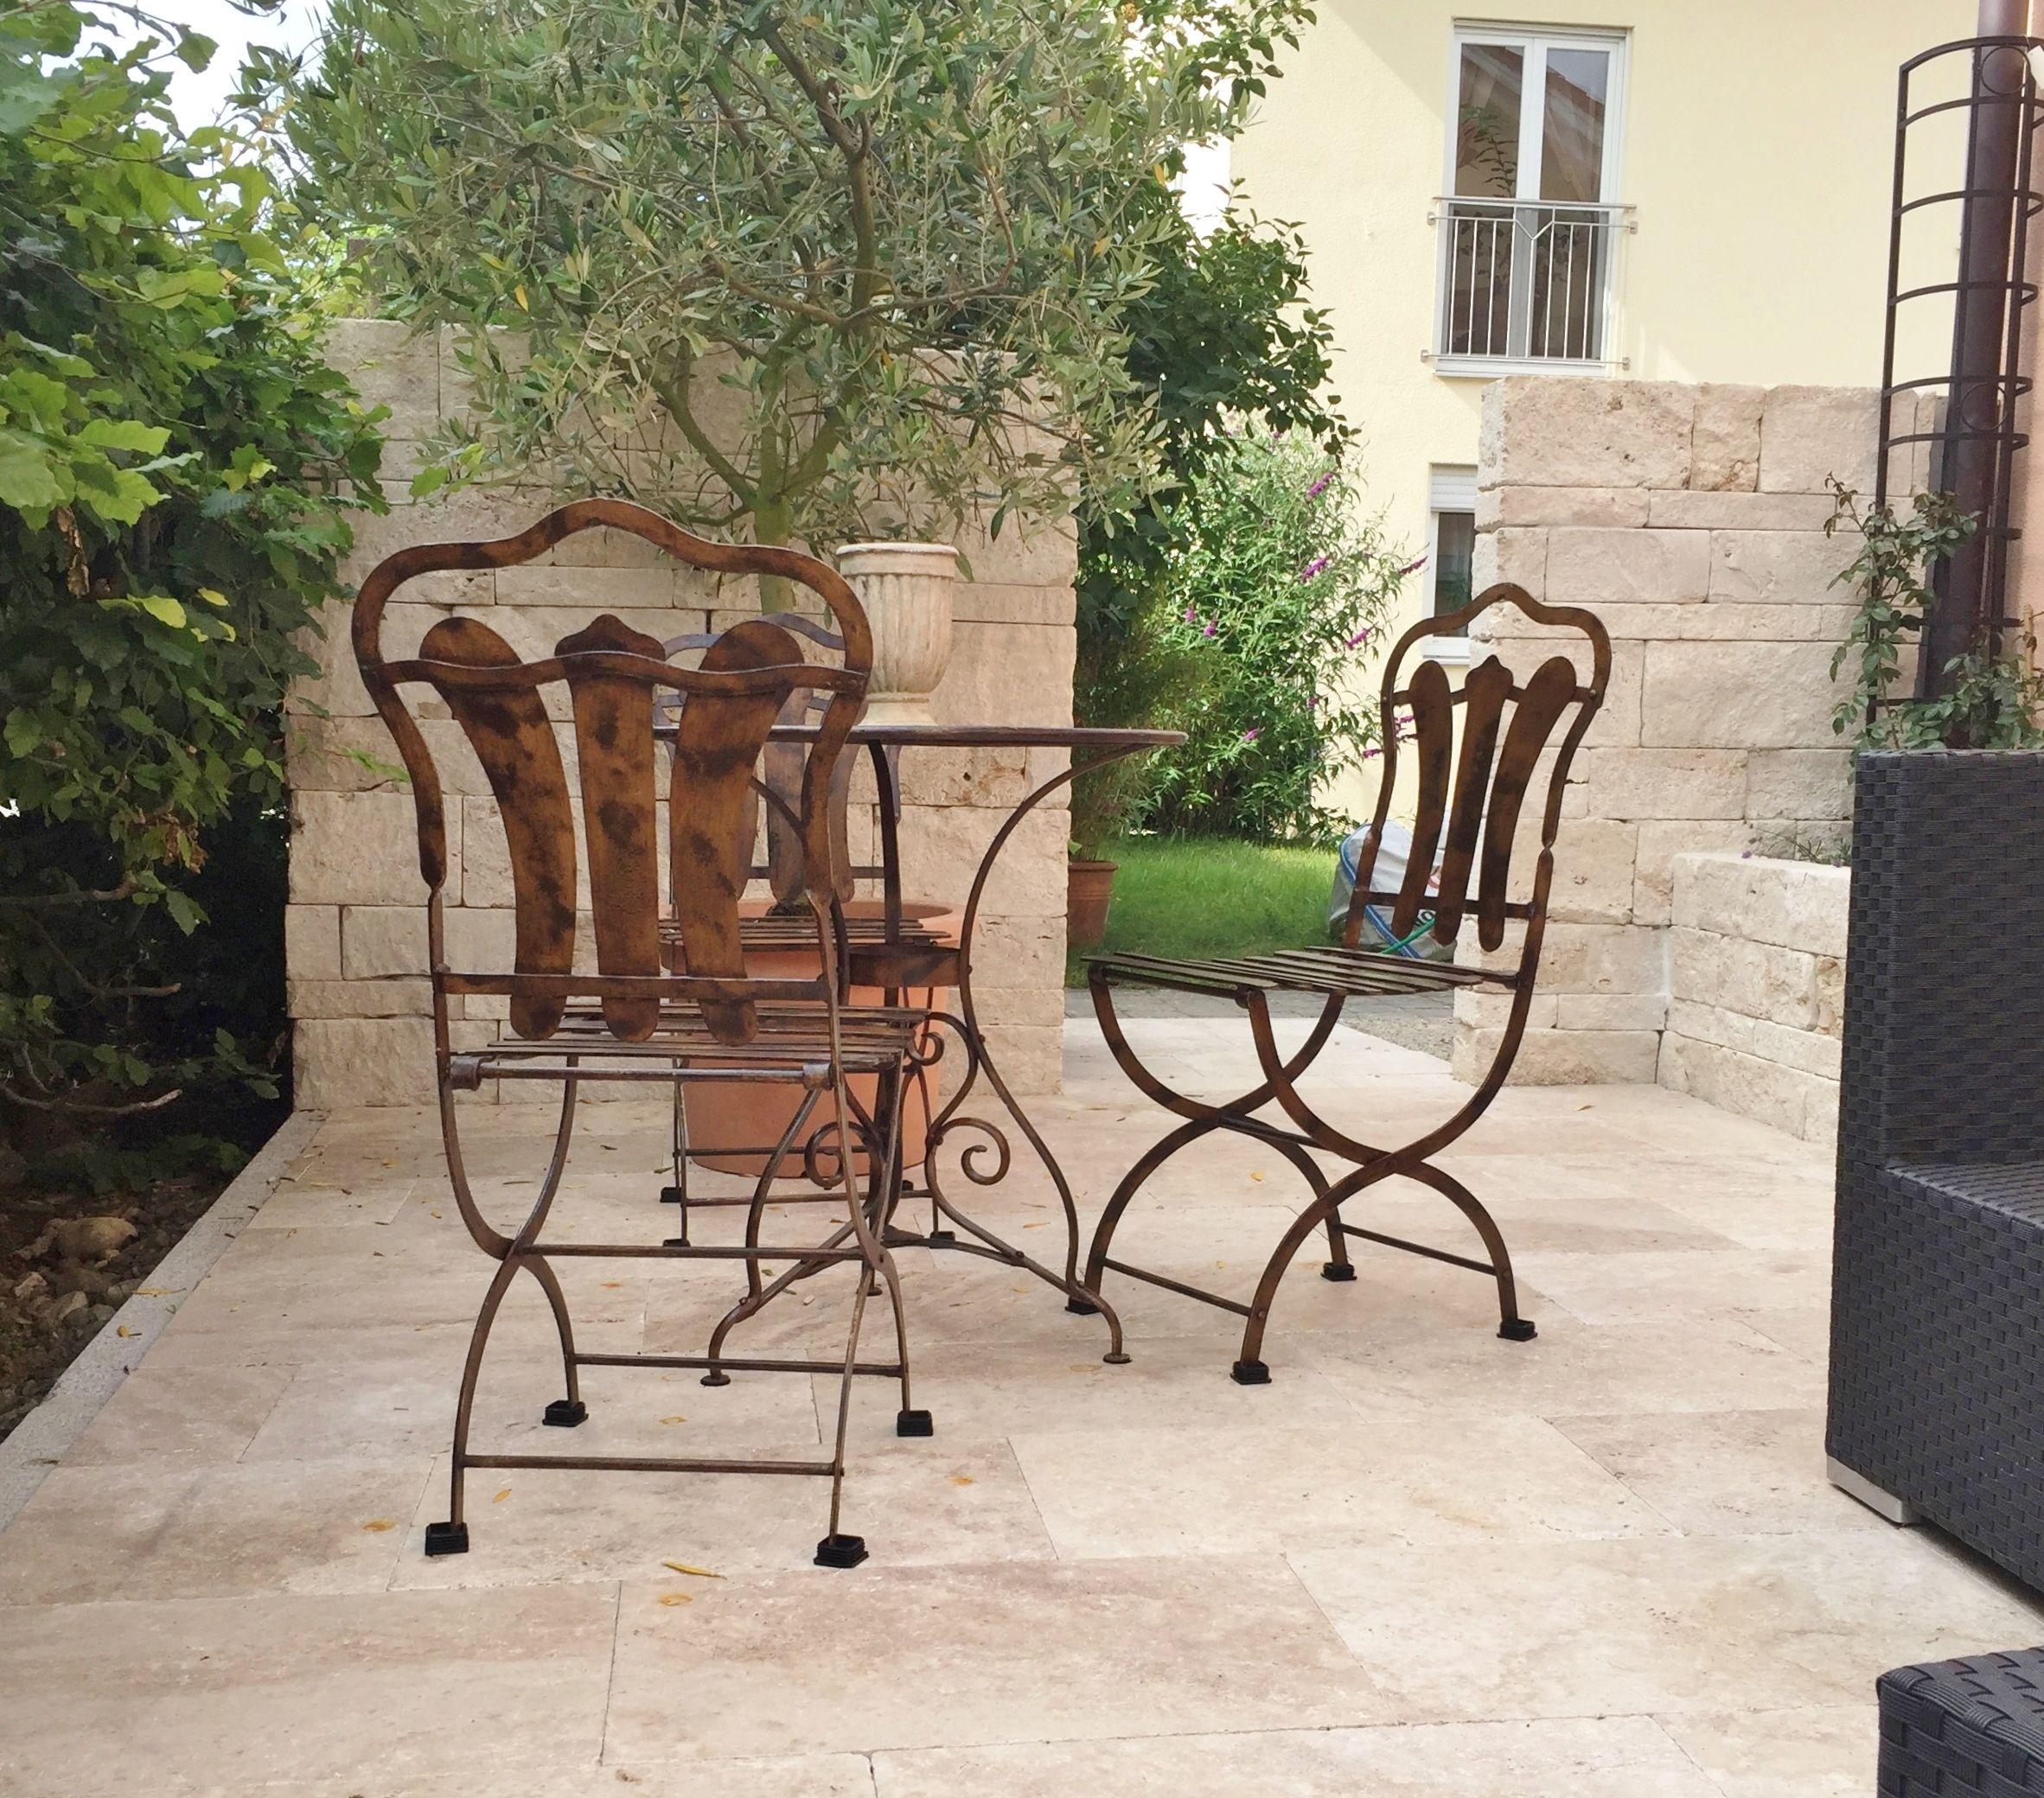 Travertin Terrassenplatten eine schöne travertin mauer passend dazu travertin terrassenplatten